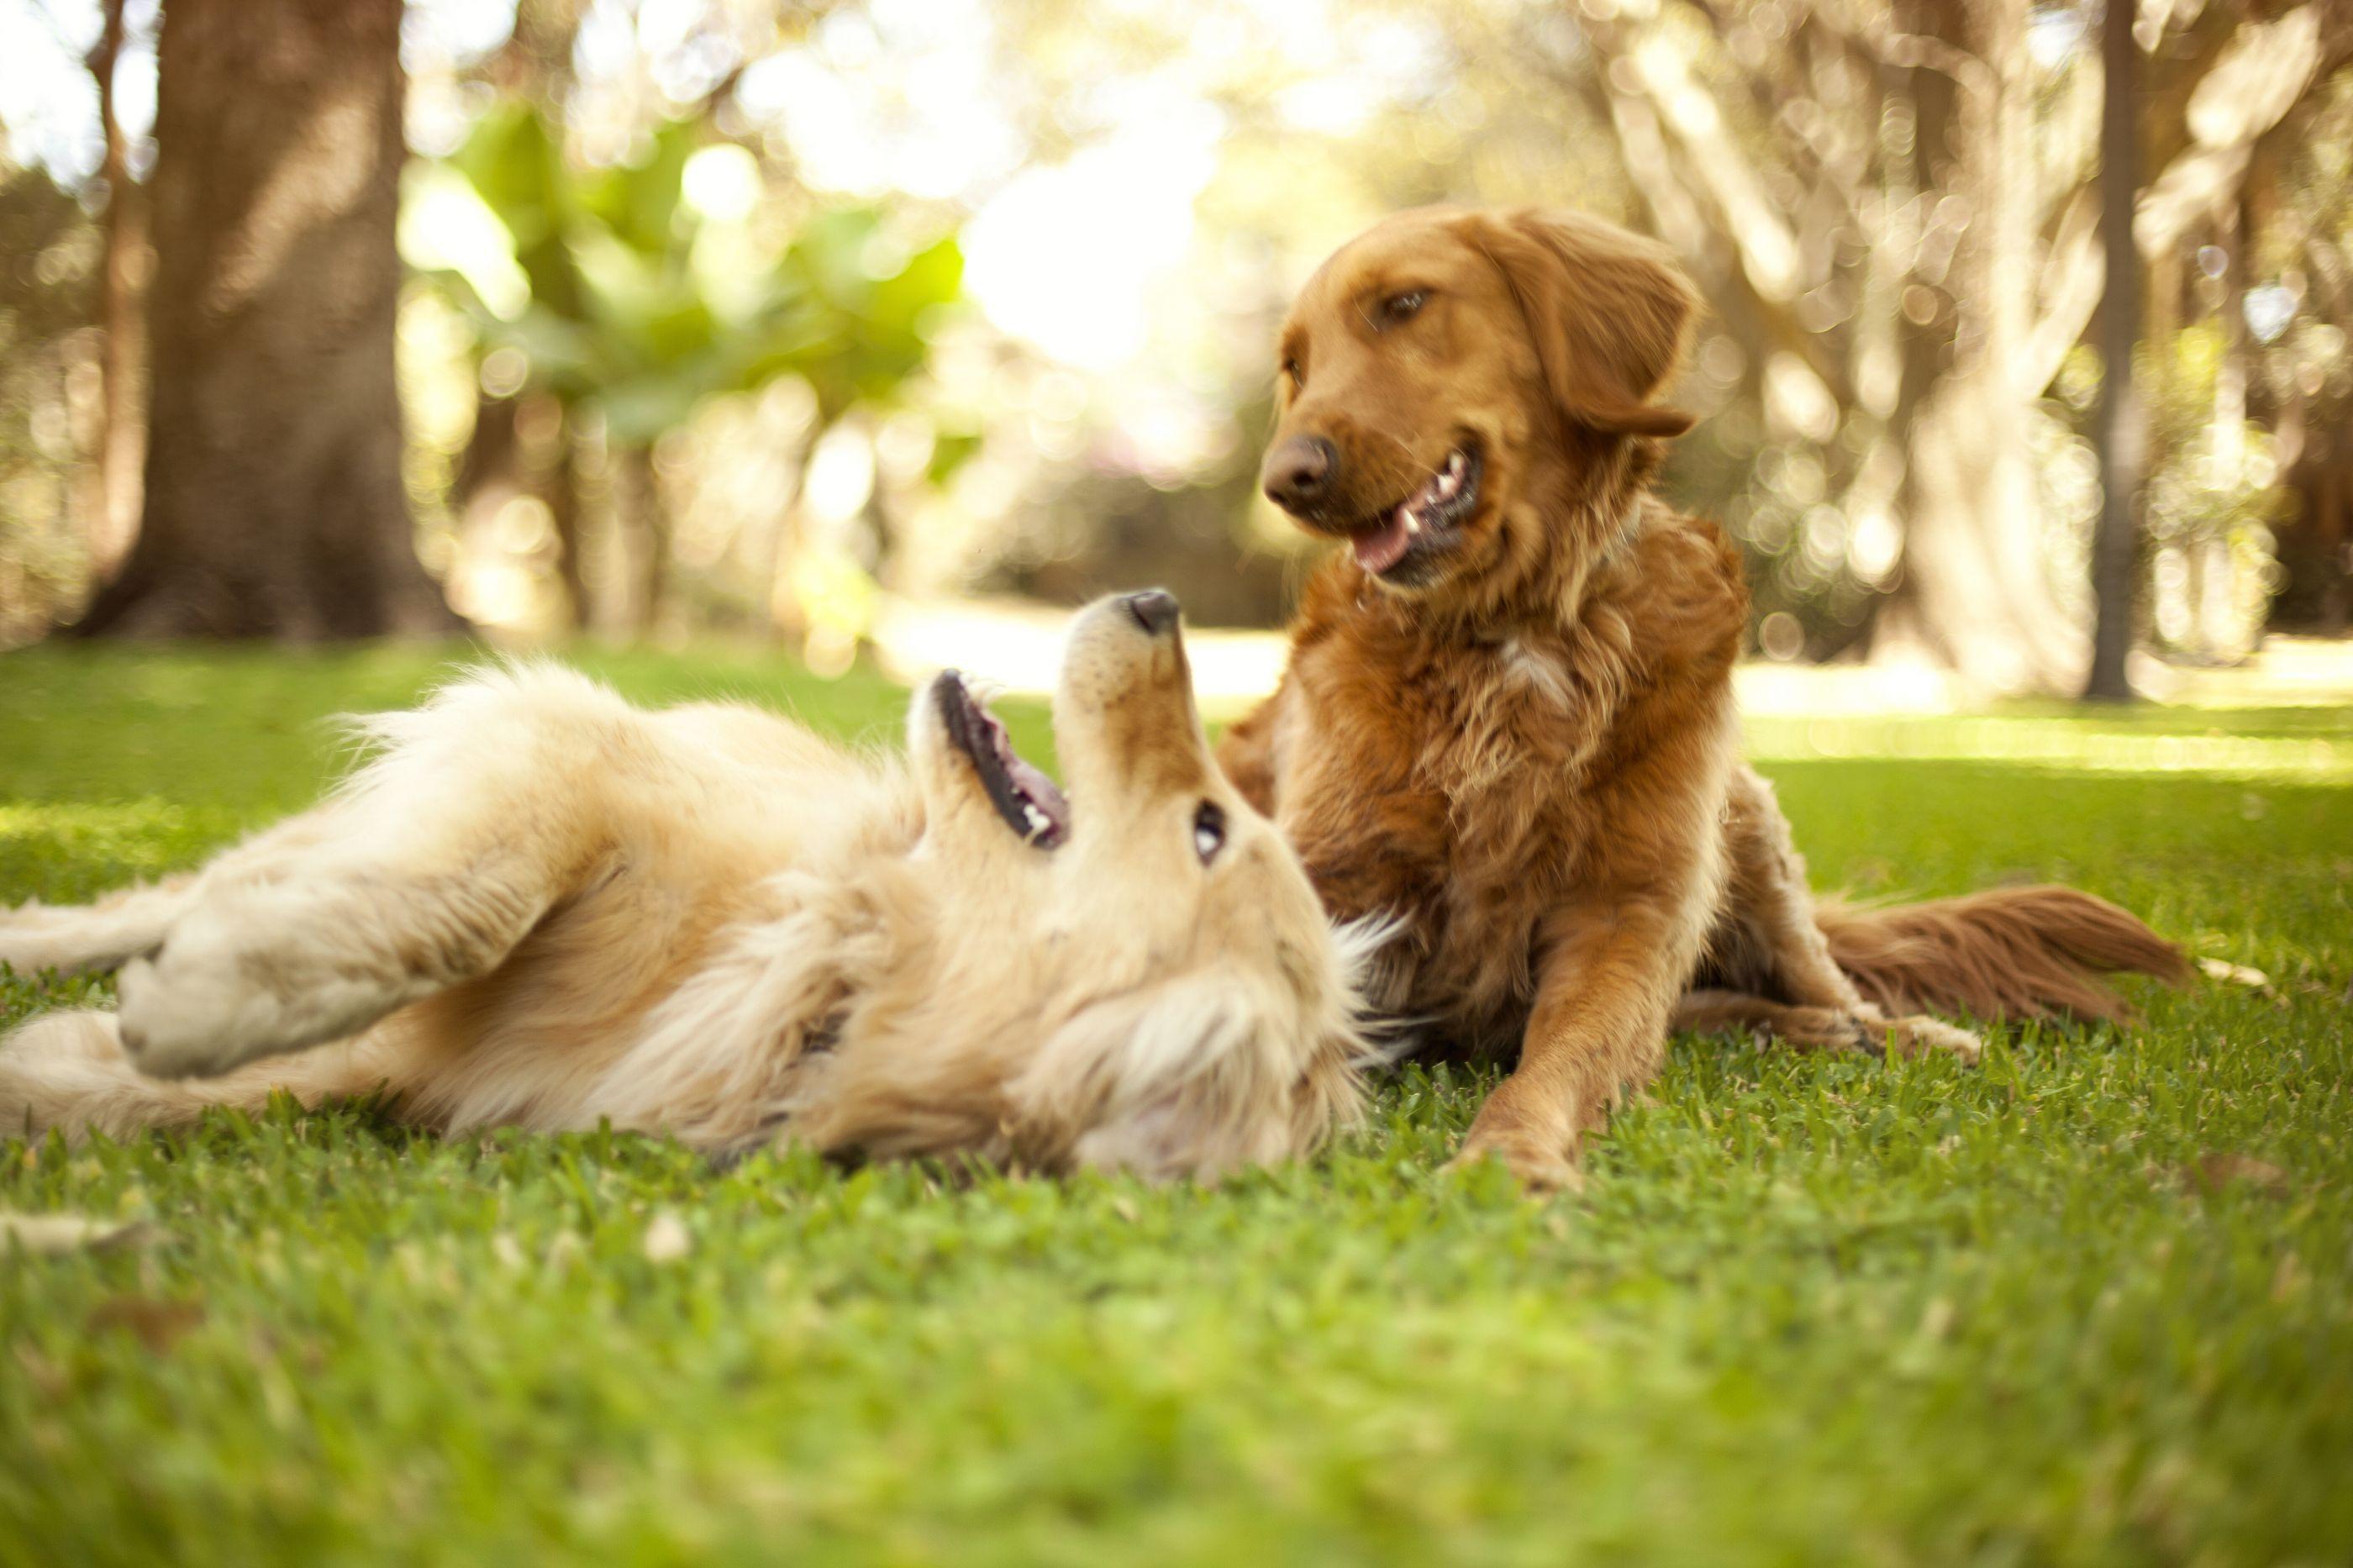 Aplicação estilo Tinder ajuda pessoas a adotarem cães na Lituânia